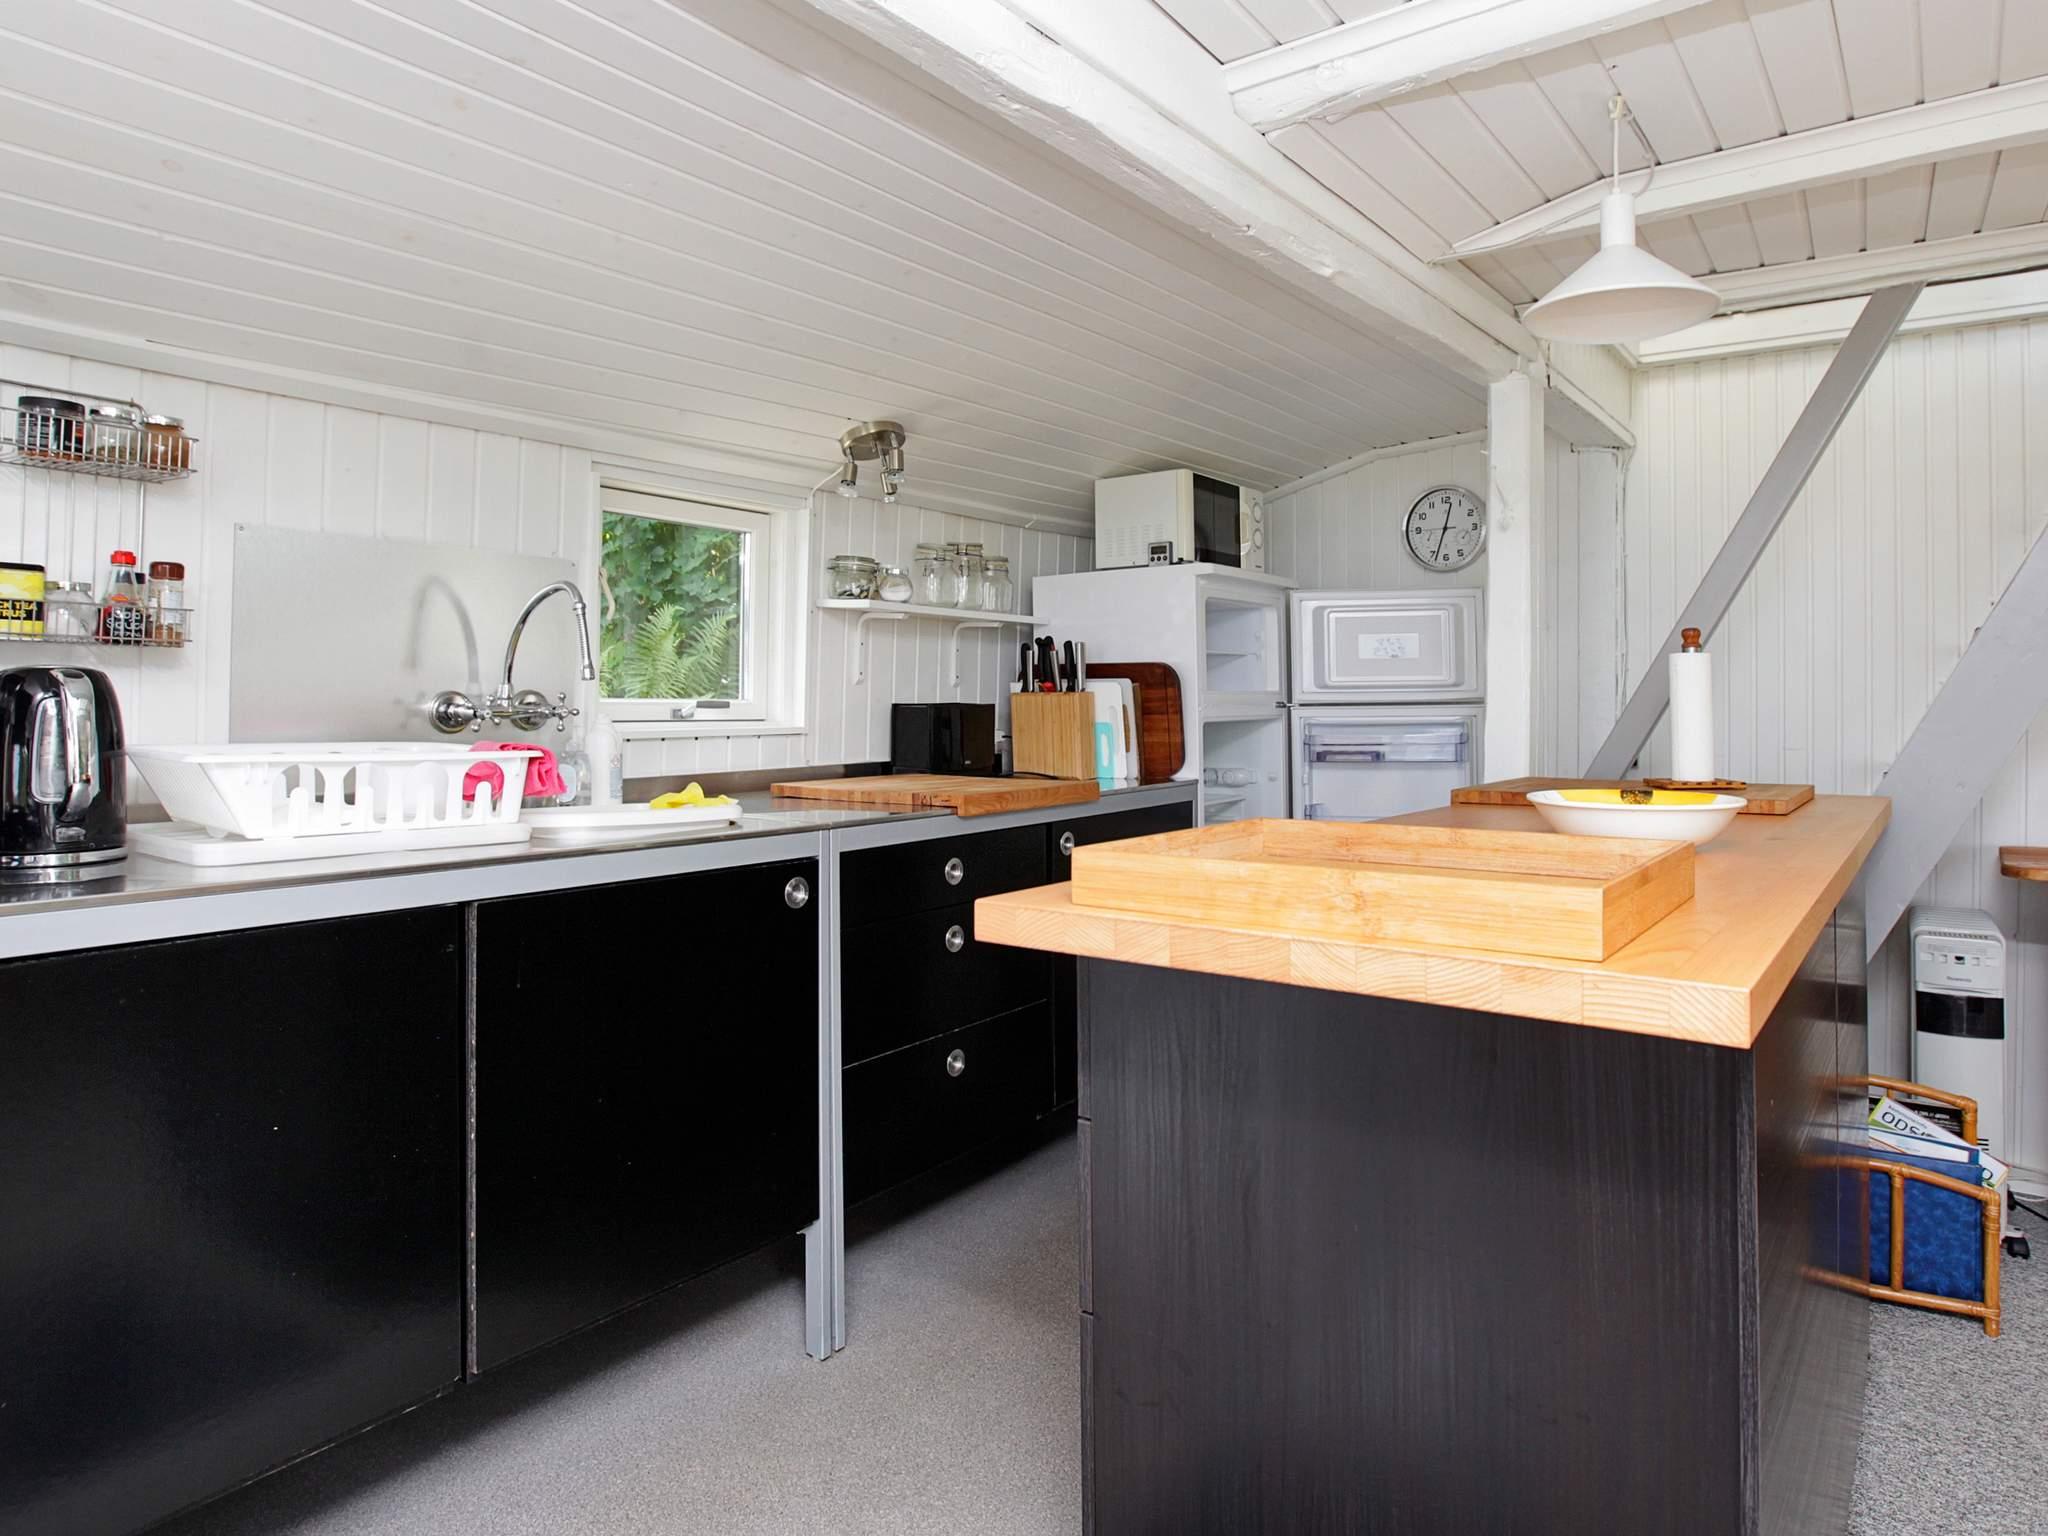 Ferienhaus Veddinge Bakker (83369), Asnæs, , Westseeland, Dänemark, Bild 2